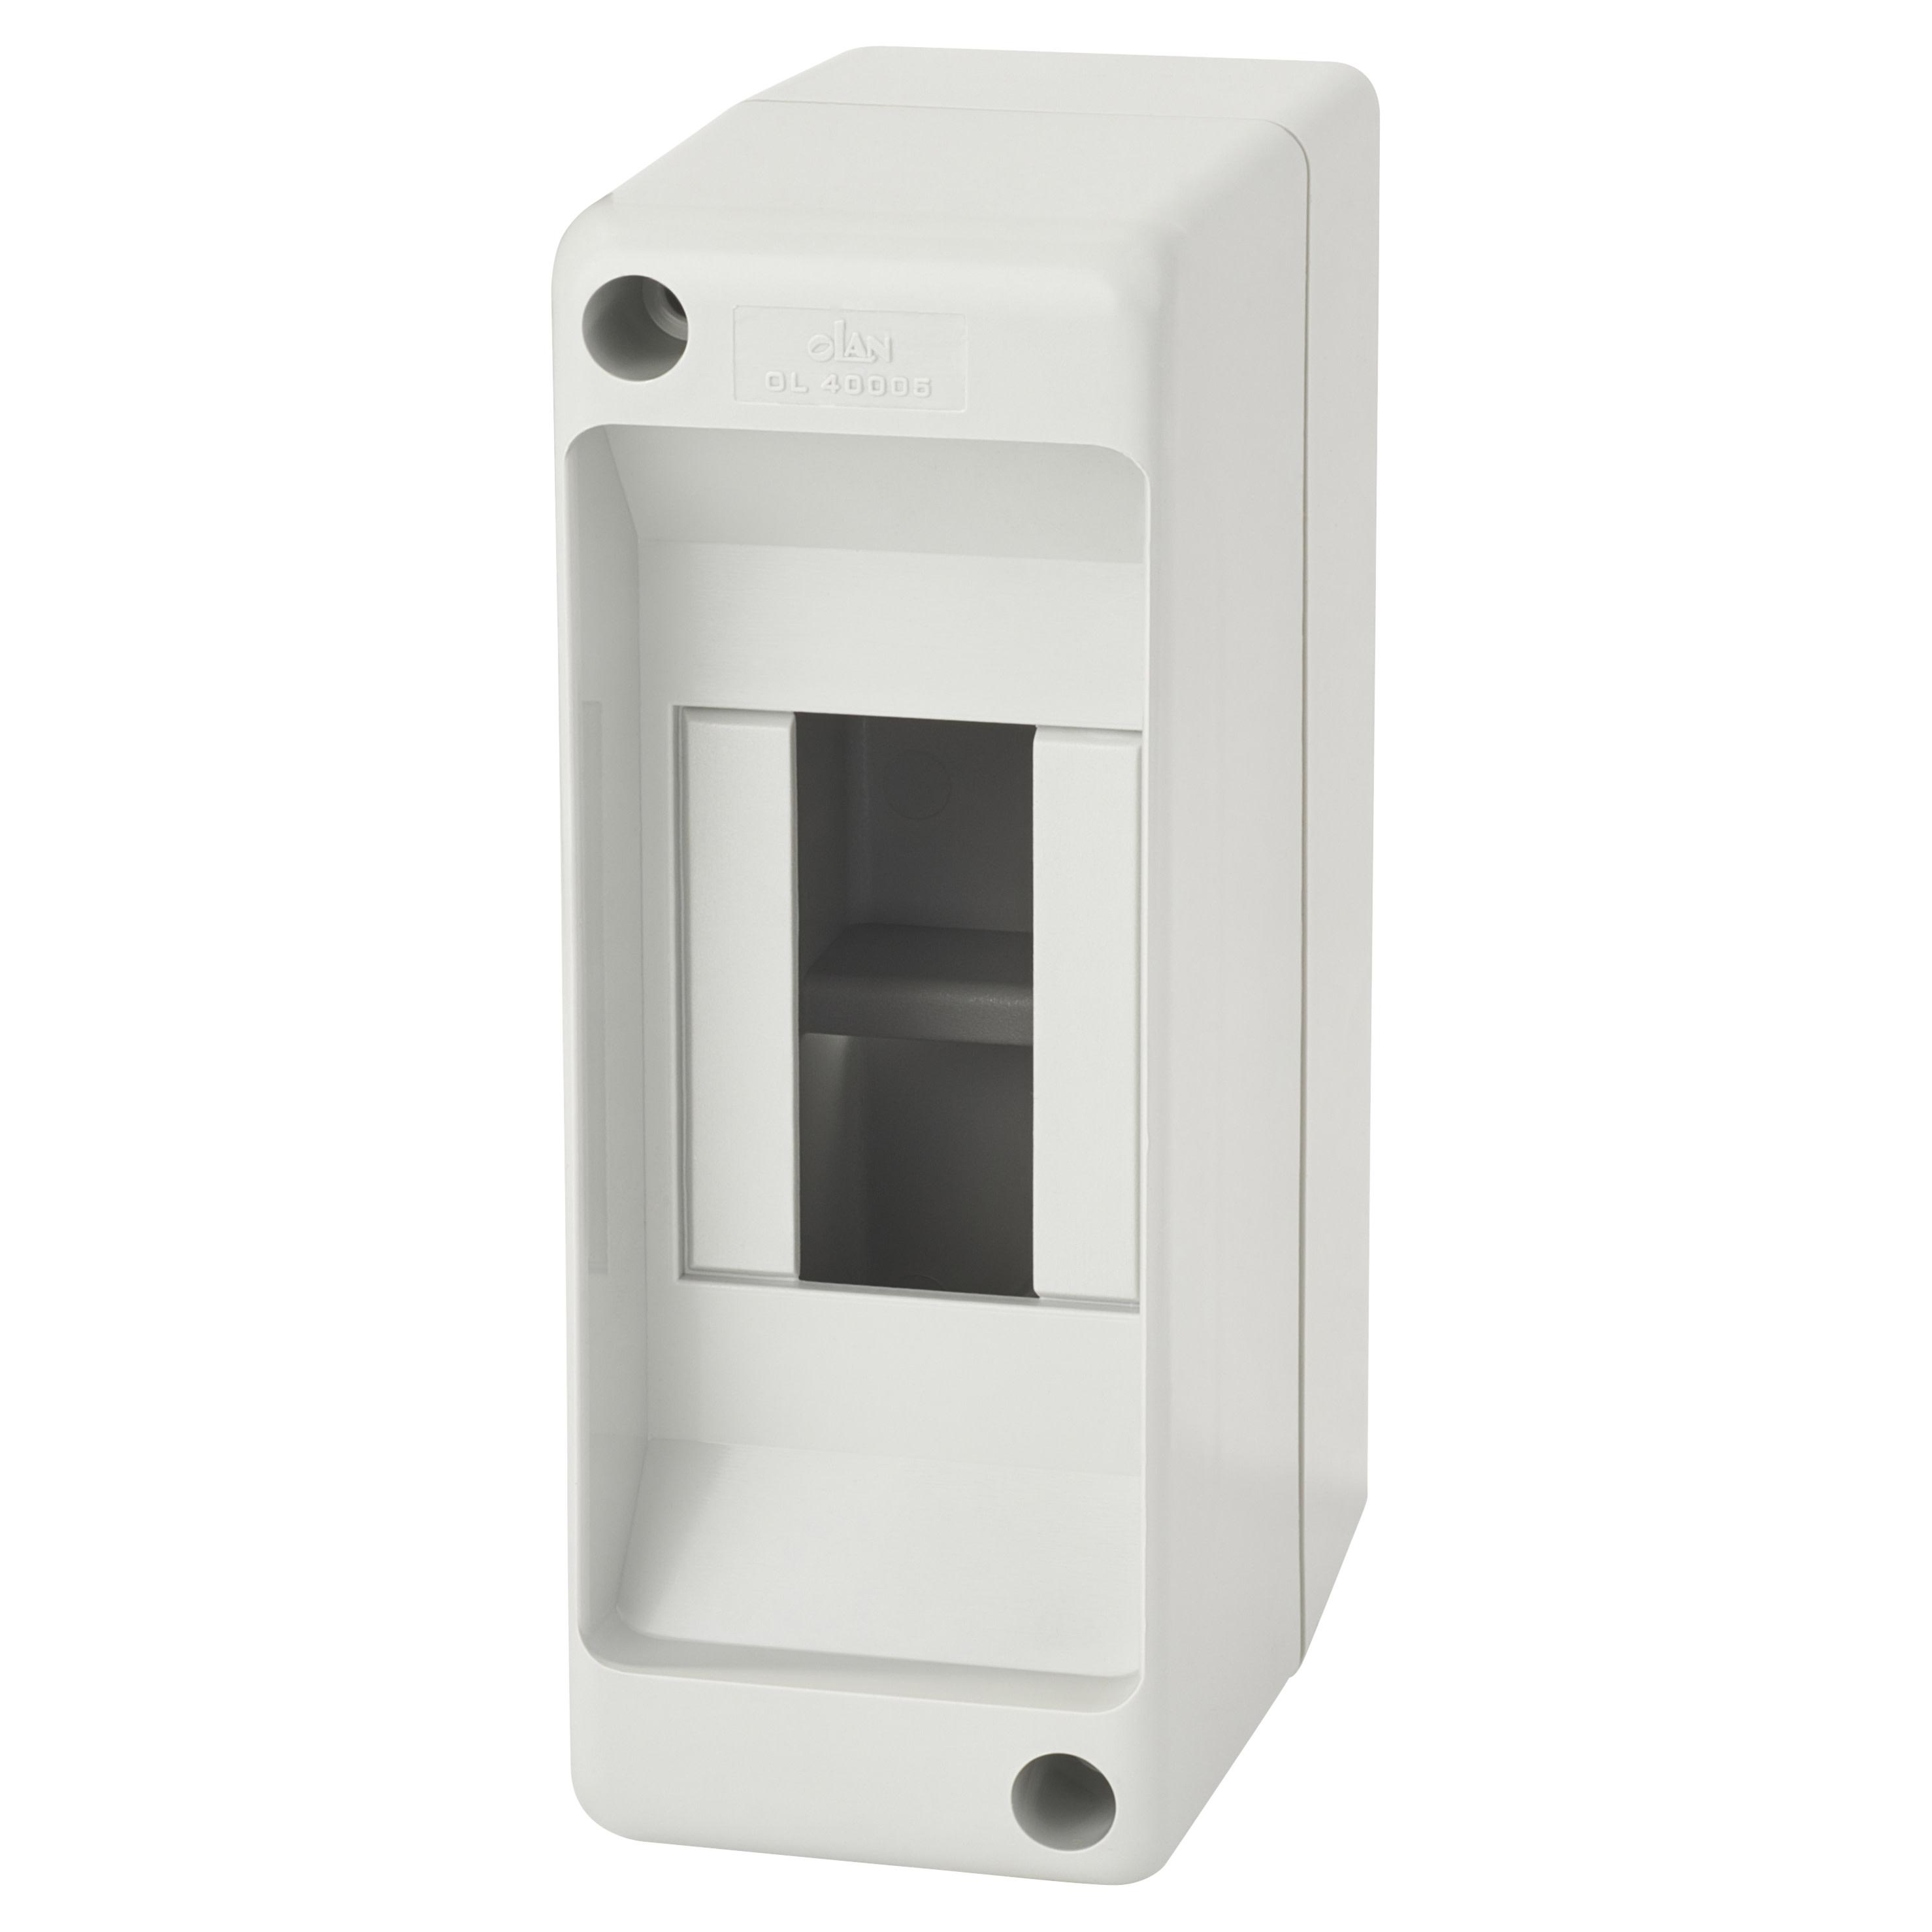 PVC Enclosure - 2 Module)